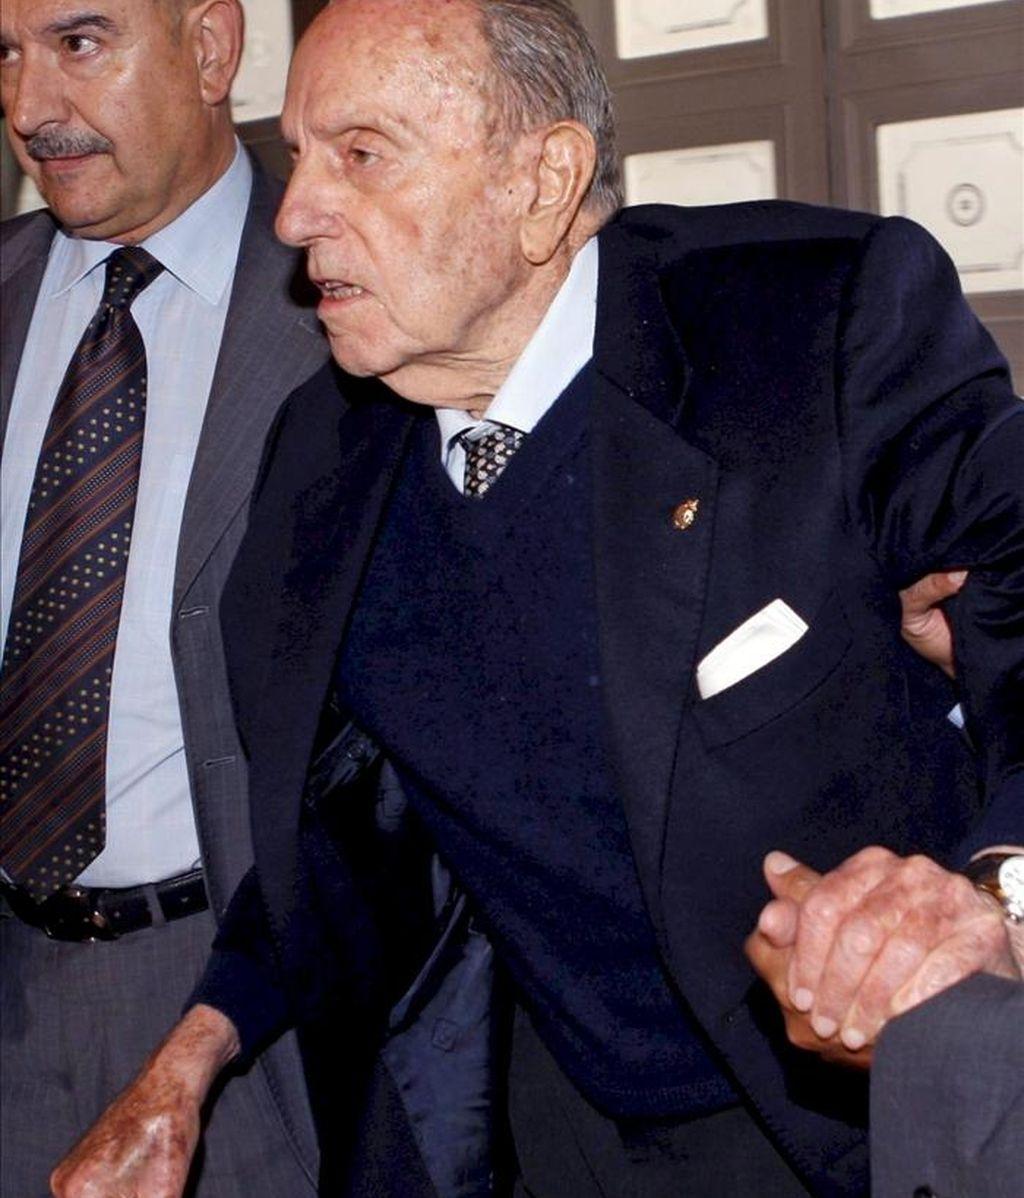 Fotografía de archivo, fechada el 22 de octubre de 2010, en Oviedo) del senador del PP Manuel Fraga que se encuentra ingresado en una clínica madrileña tras ser operado debido a una caída sufrida en su domicilio. EFE/Archivo